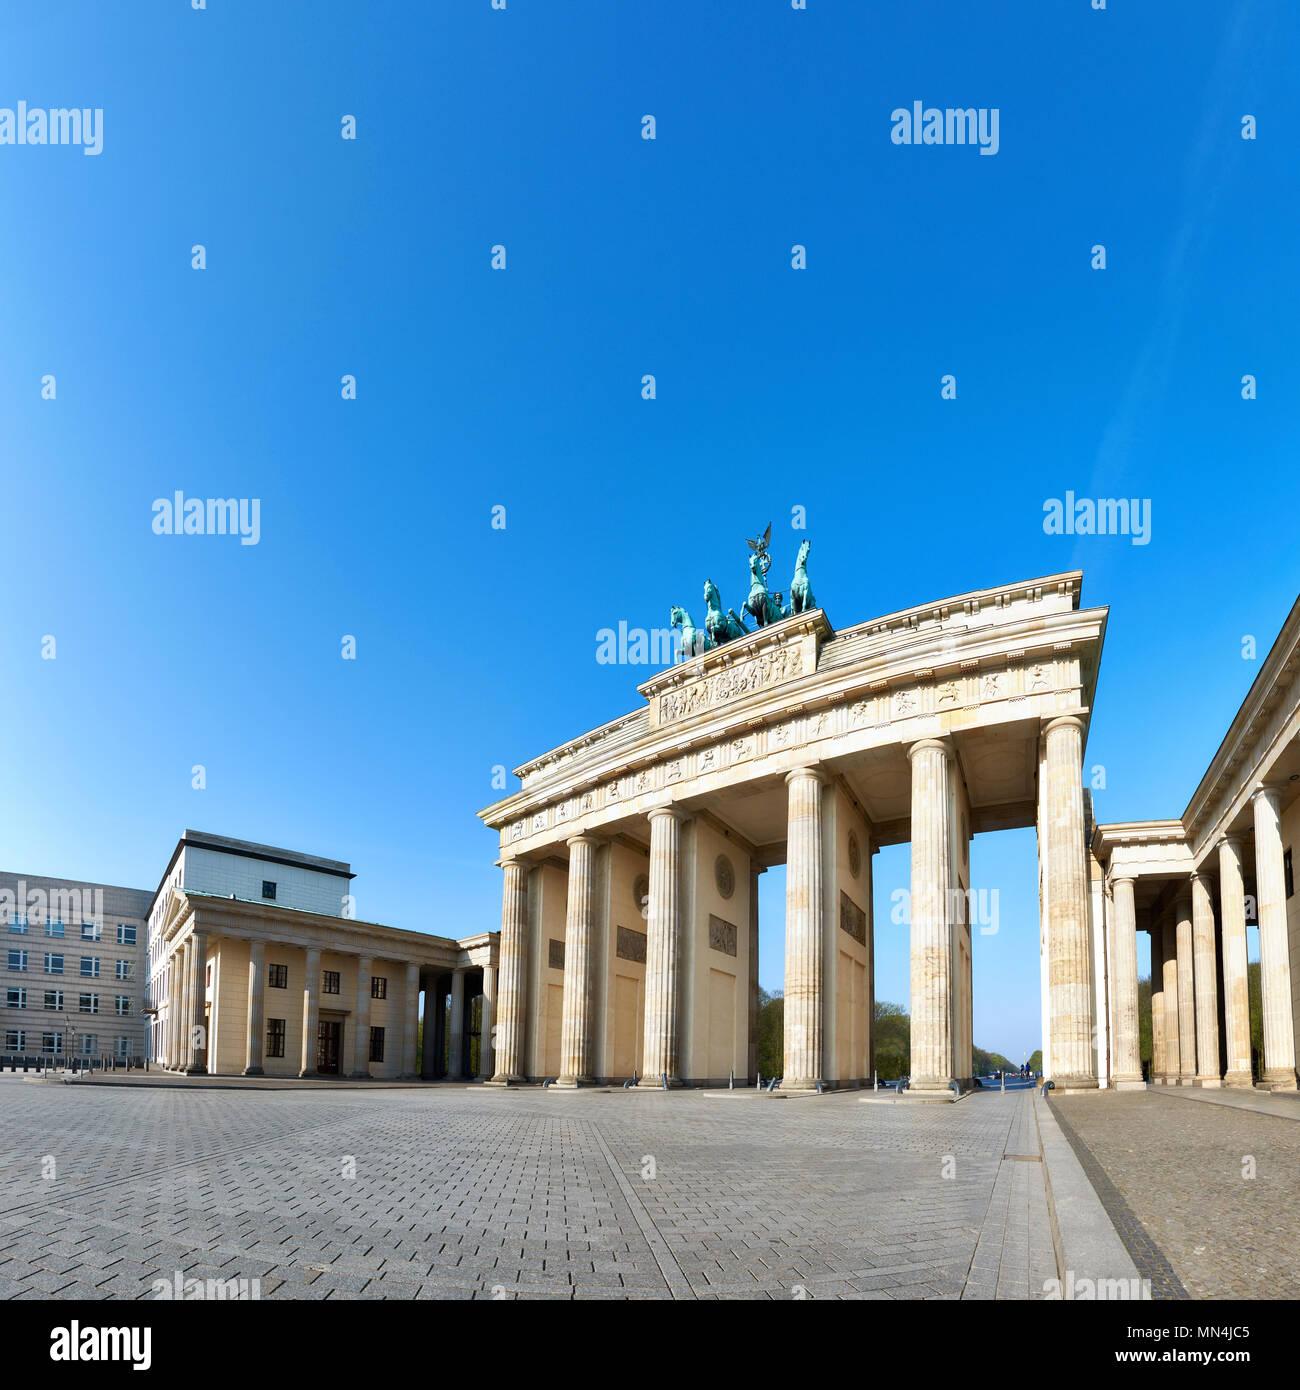 Porte de Brandebourg (Brandenburger Tor) à Berlin, Allemagne, par un beau jour avec ciel bleu derrière, l'espace de texte Photo Stock